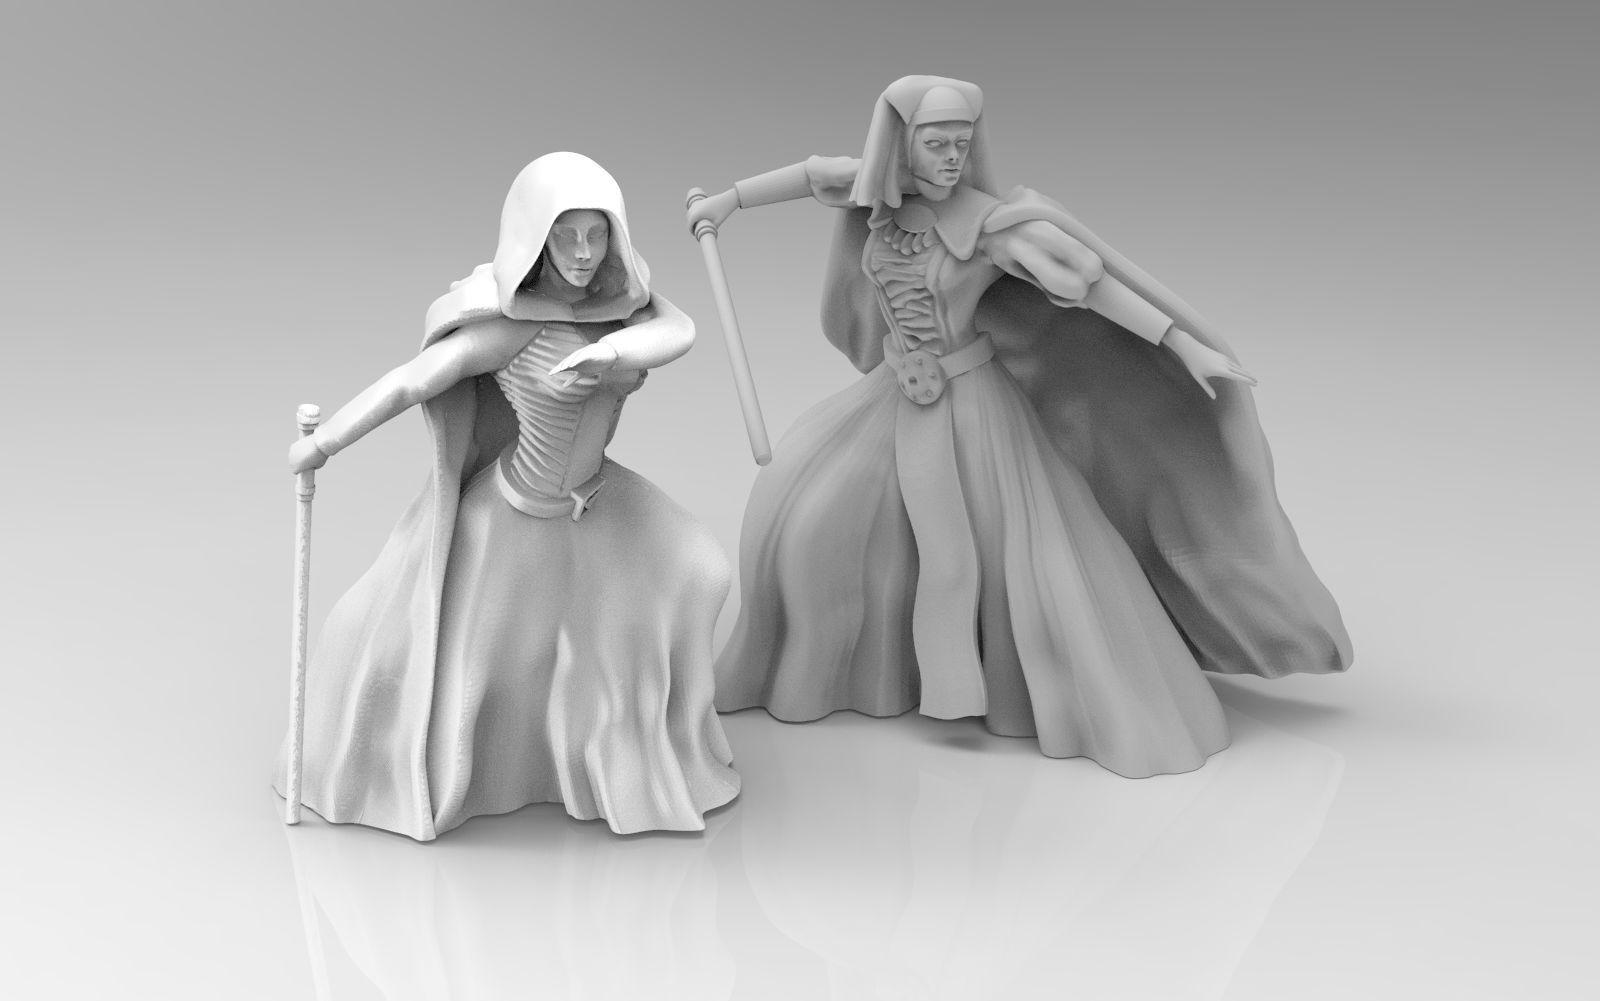 Female Mystical Knight Bundle